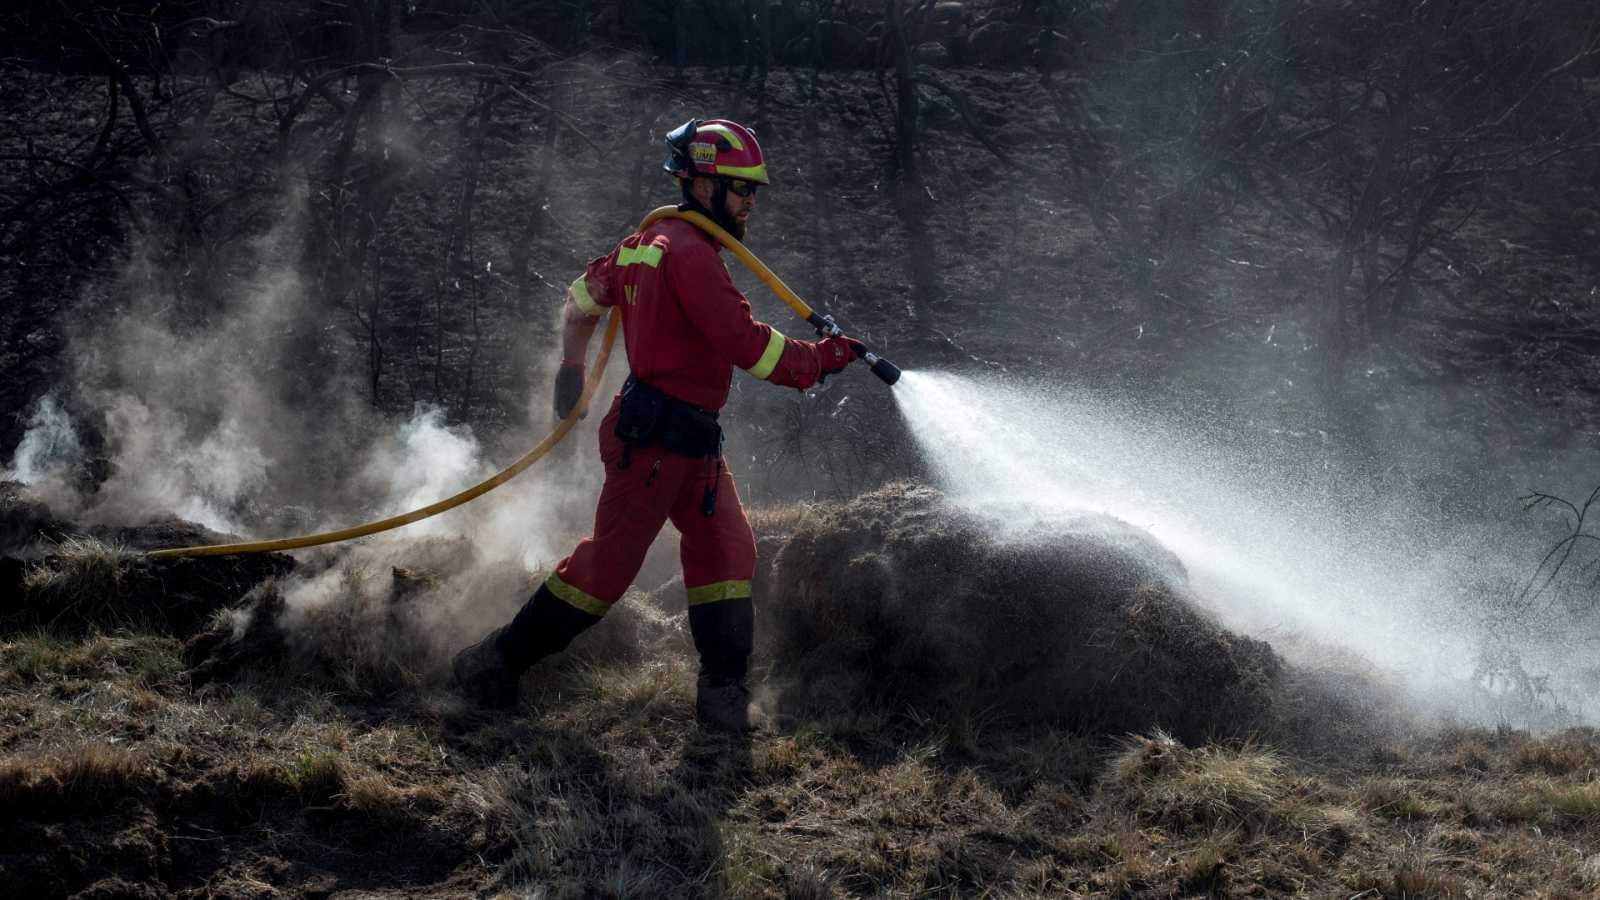 Continúan activos diez incendios en Galicia, donde ardieron 9.000 hectáreas